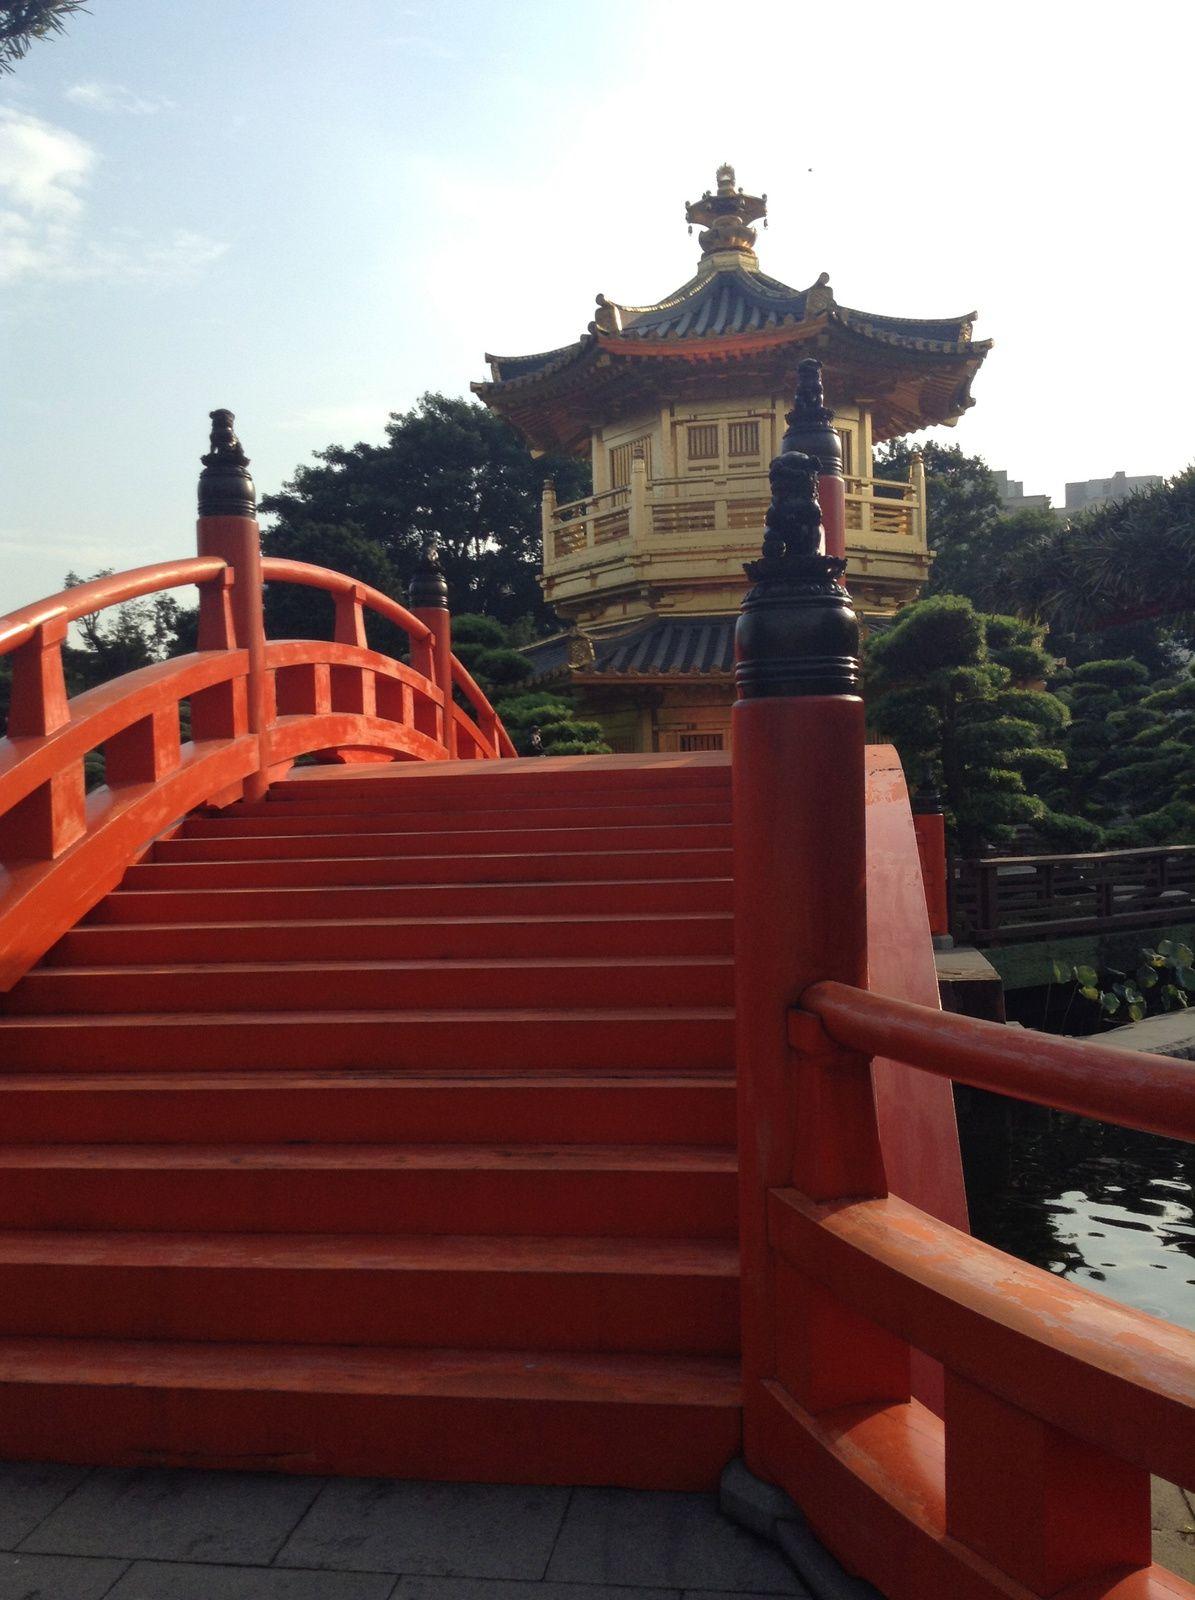 Musée du Thé, le Nan Lian garden et se zénitude, building feng shui  ?